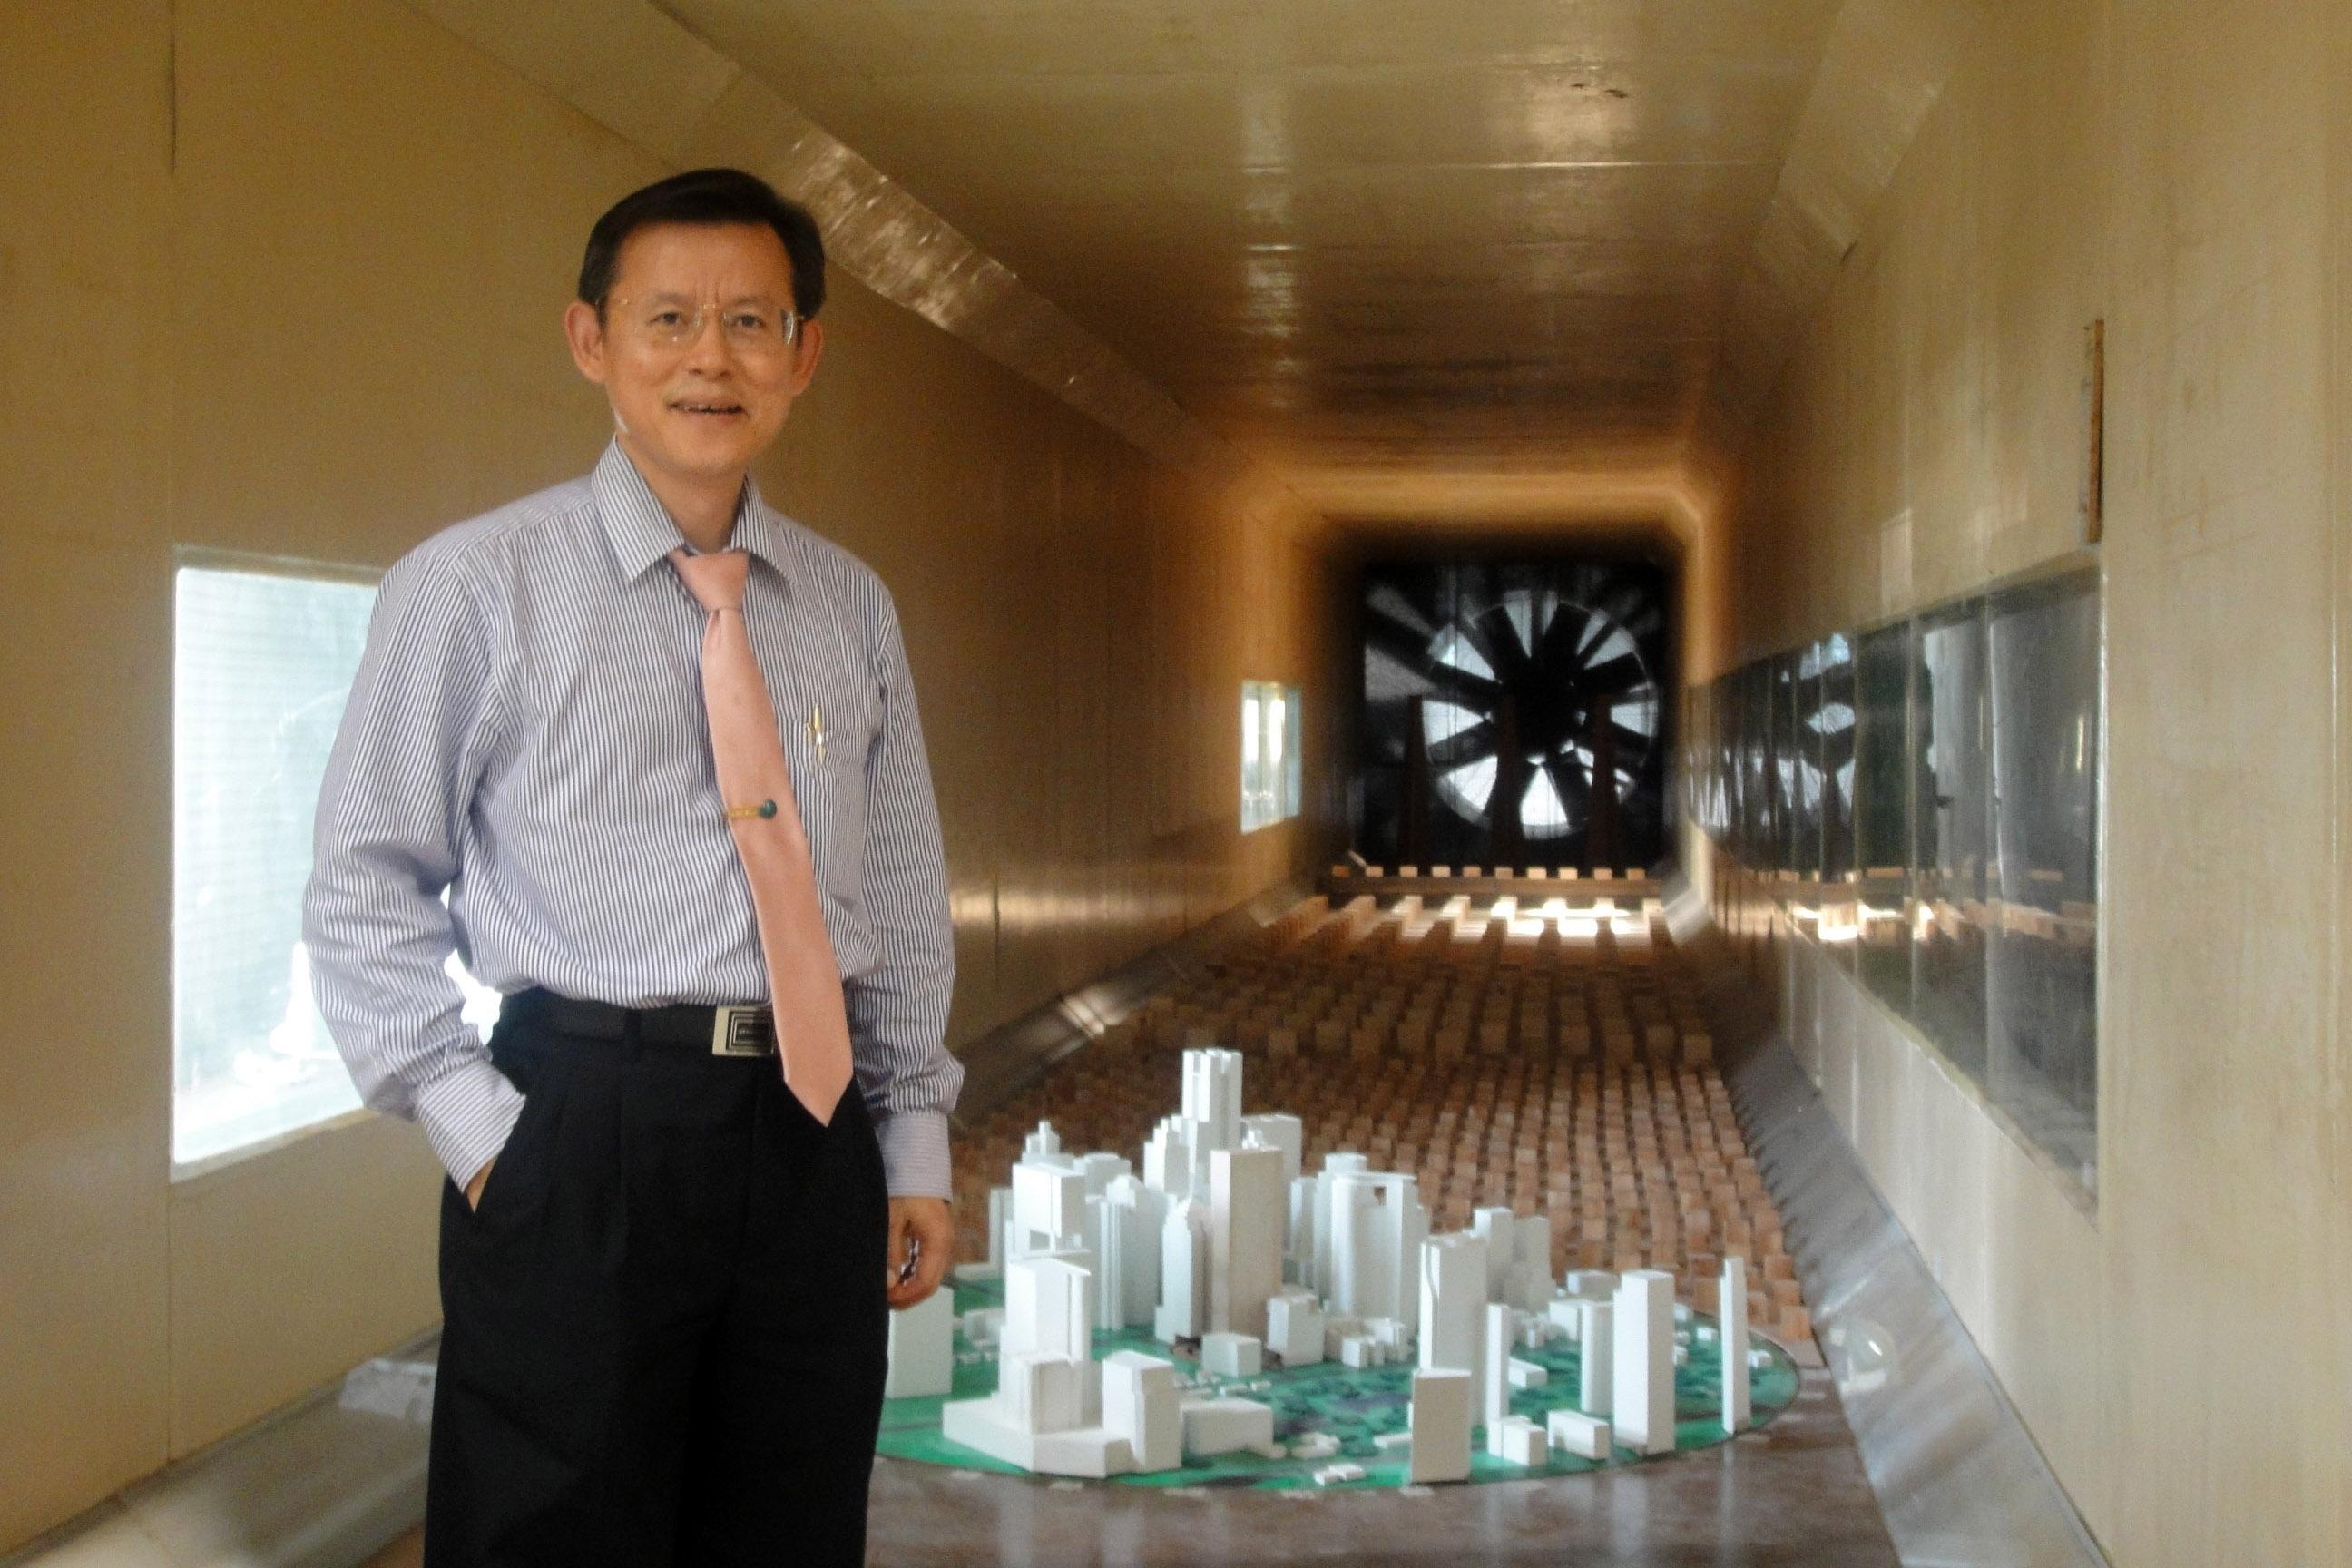 """ใหญ่สุดในไทย ! วิศวฯธรรมศาสตร์ จับมือ เอไอที ชูศักยภาพ """"แล็บอุโมงค์ลม""""    รองรับการก่อสร้างเมกะโปรเจกต์ อาคาร สะพาน ลดการพึ่งพาต่างชาติ"""